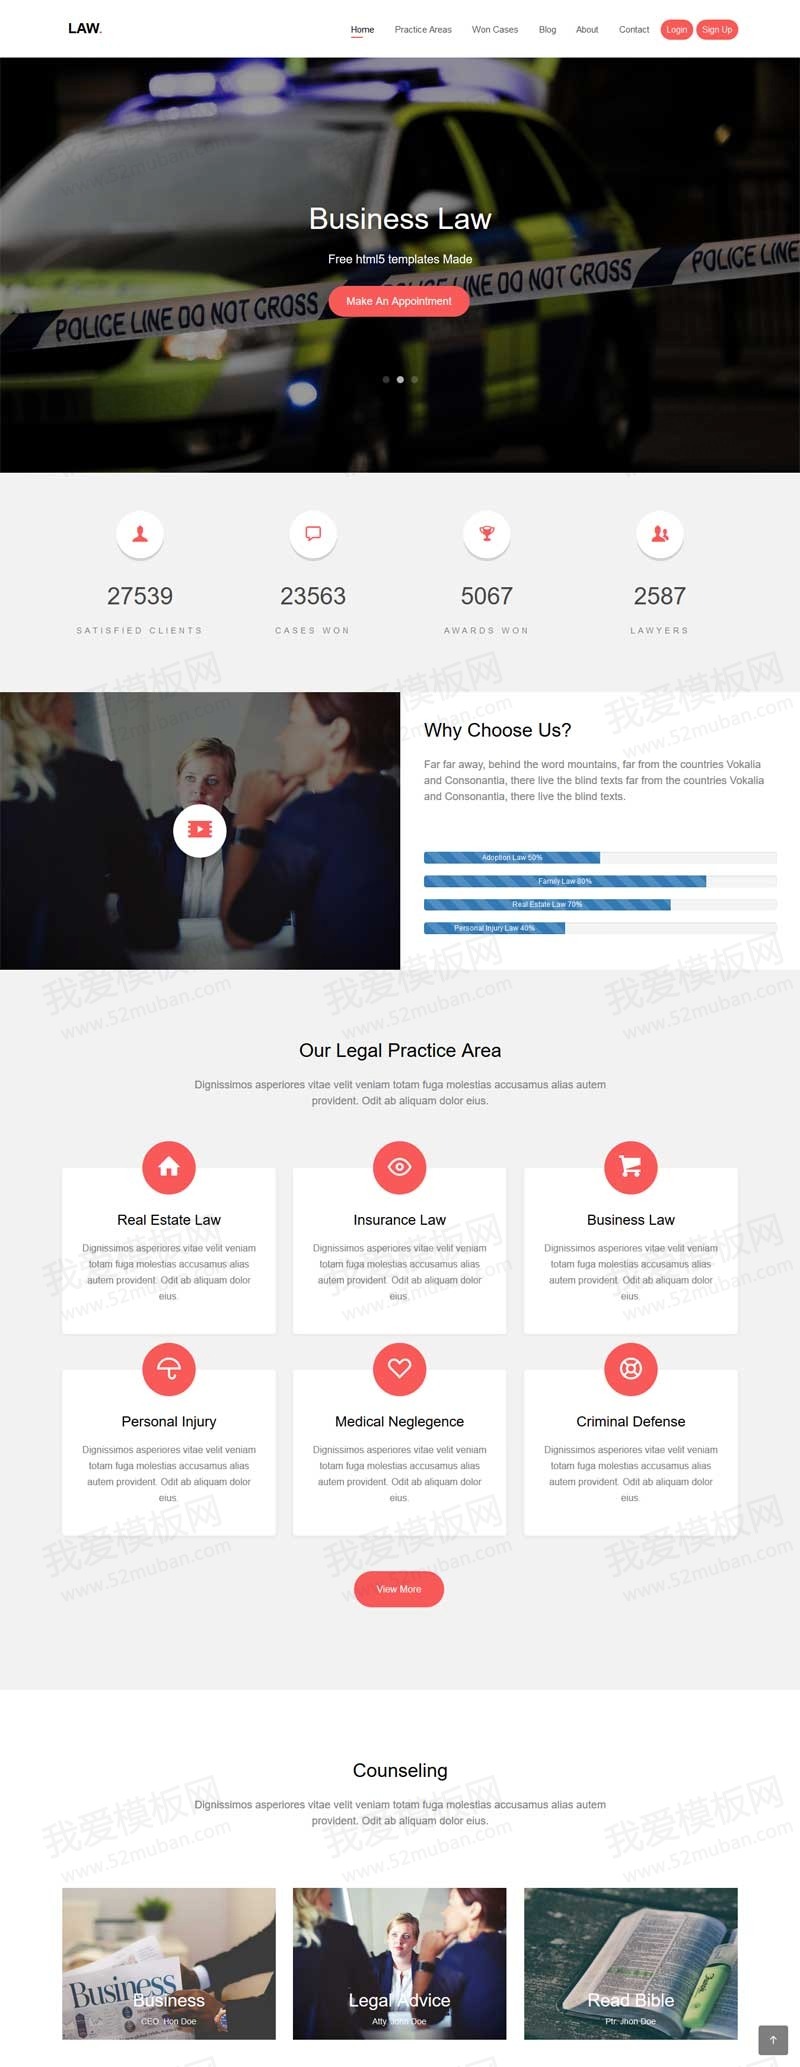 大气的法律咨询服务公司网站模板html整站